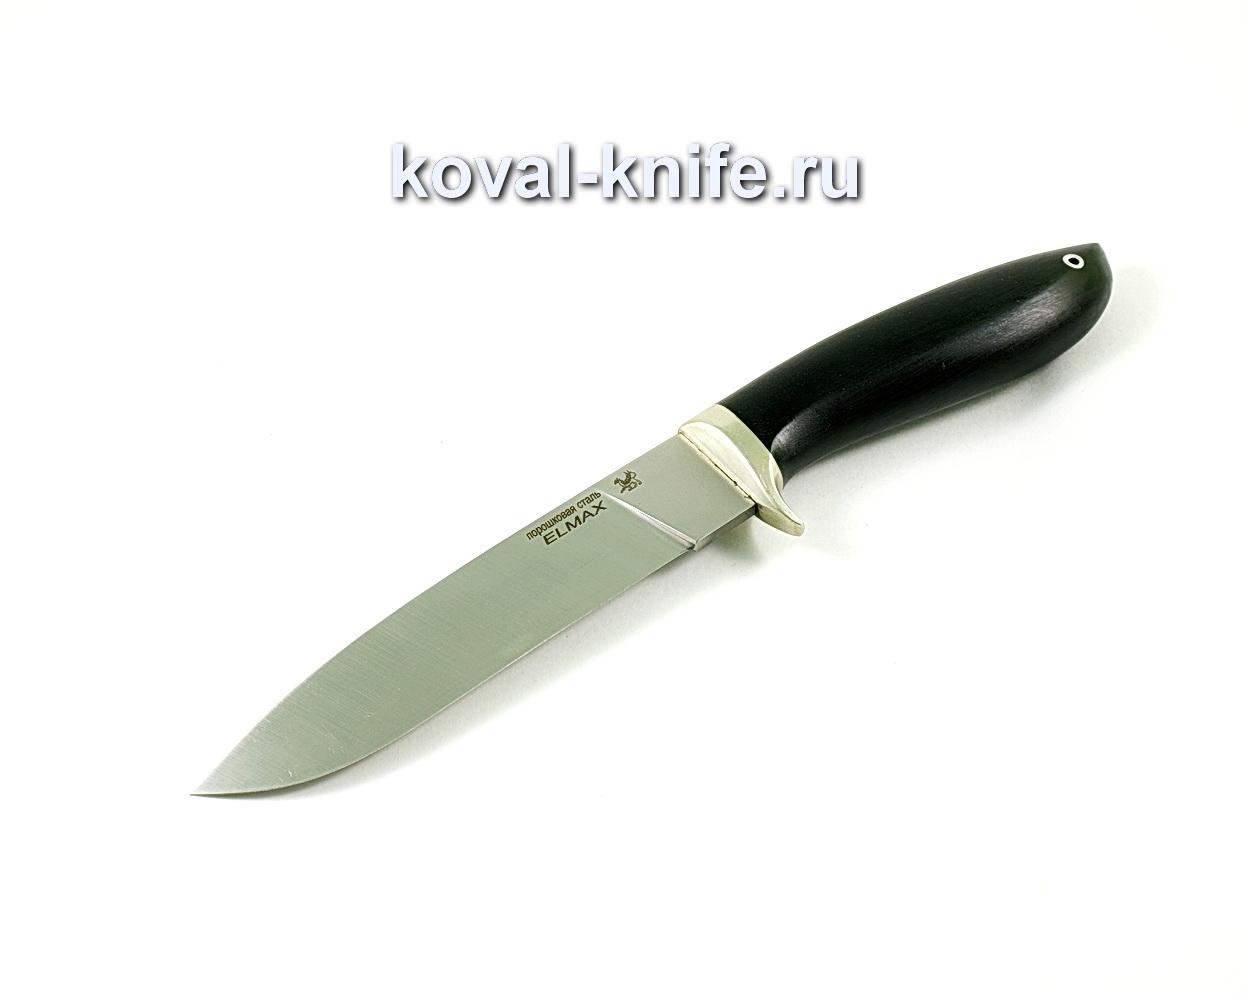 Нож Олимп (сталь Elmax), рукоять граб, литье A339